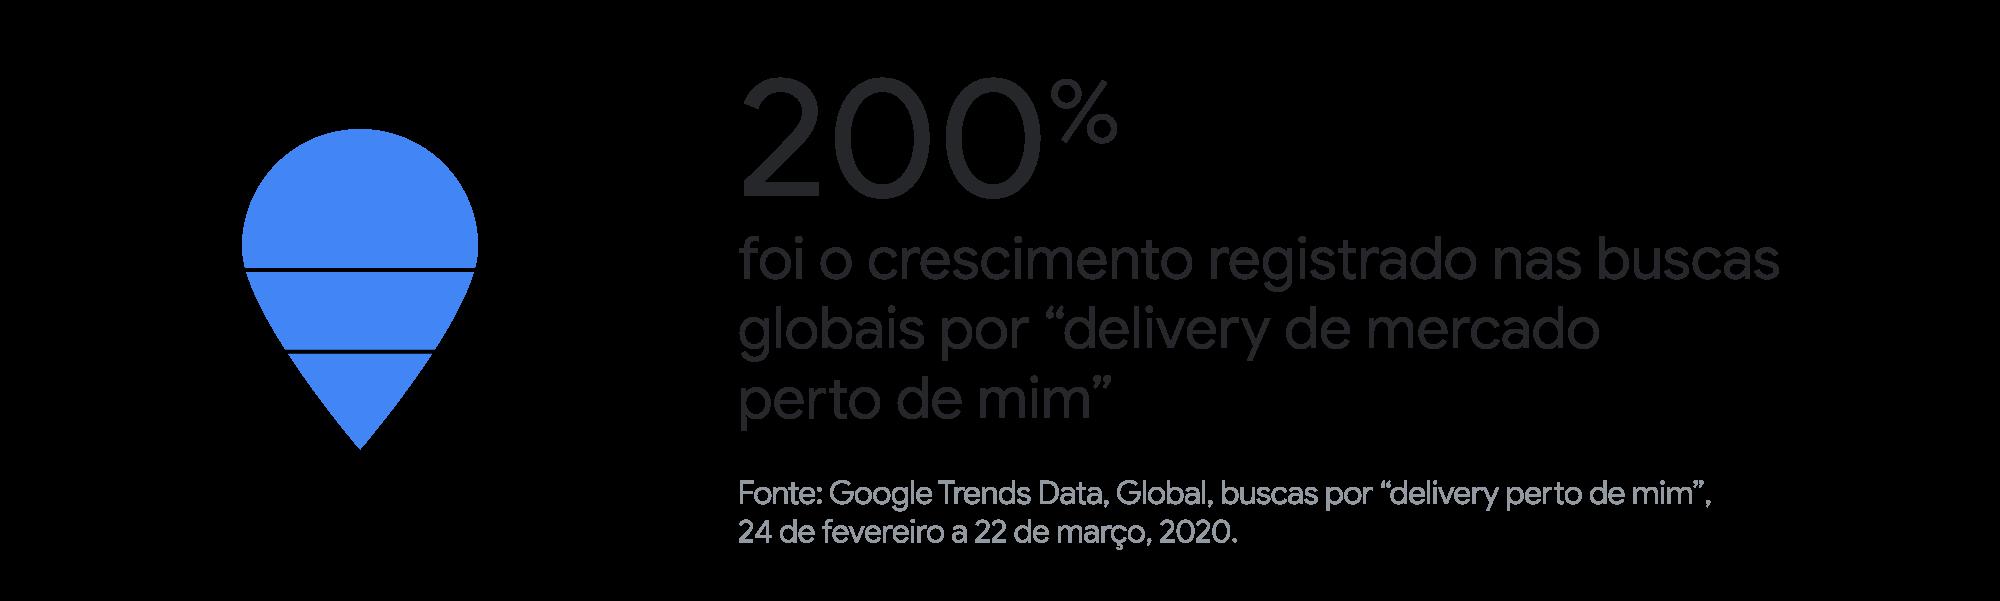 5 abordagens que estão ajudando marcas e pessoas no Brasil durante a COVID-19